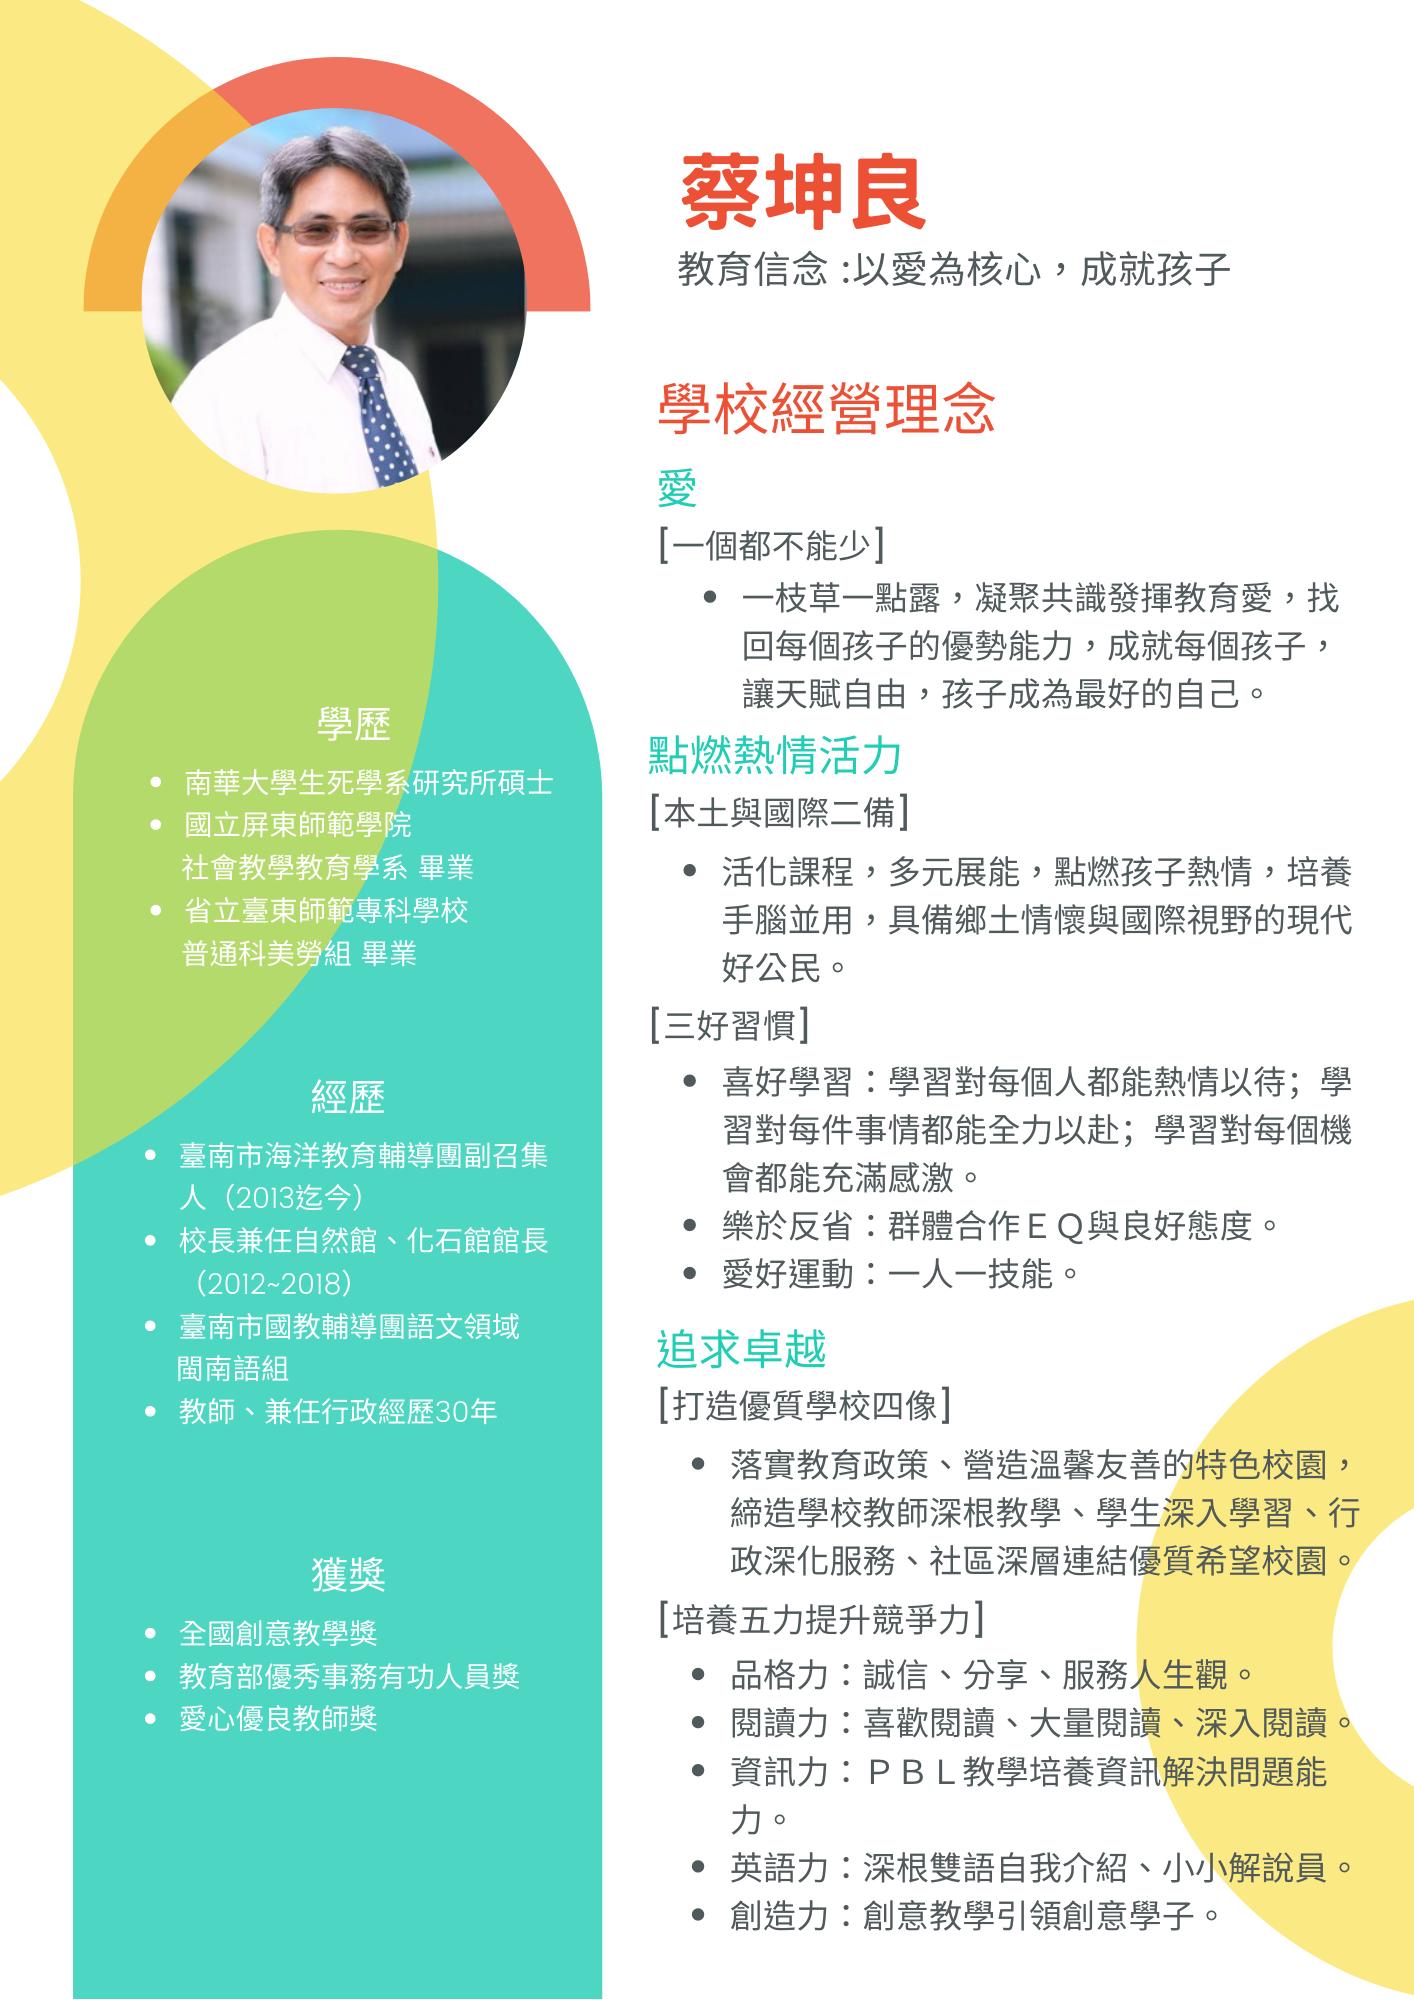 臺南市光榮國小蔡坤良校長簡介